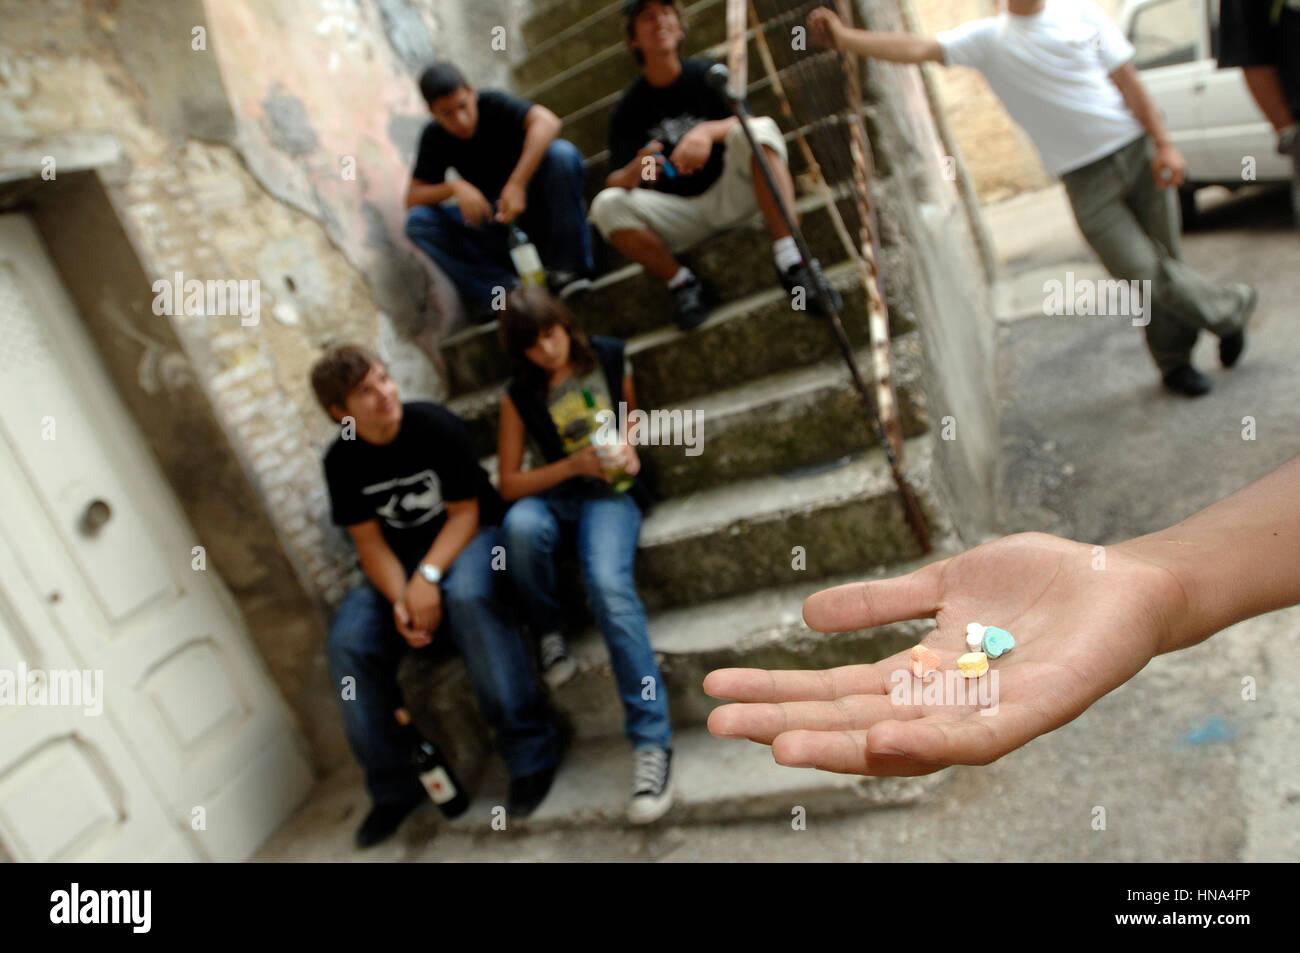 Les adolescents prennent des médicaments - drogues et d'alcool sur les tablettes de crédit main © Photo Stock